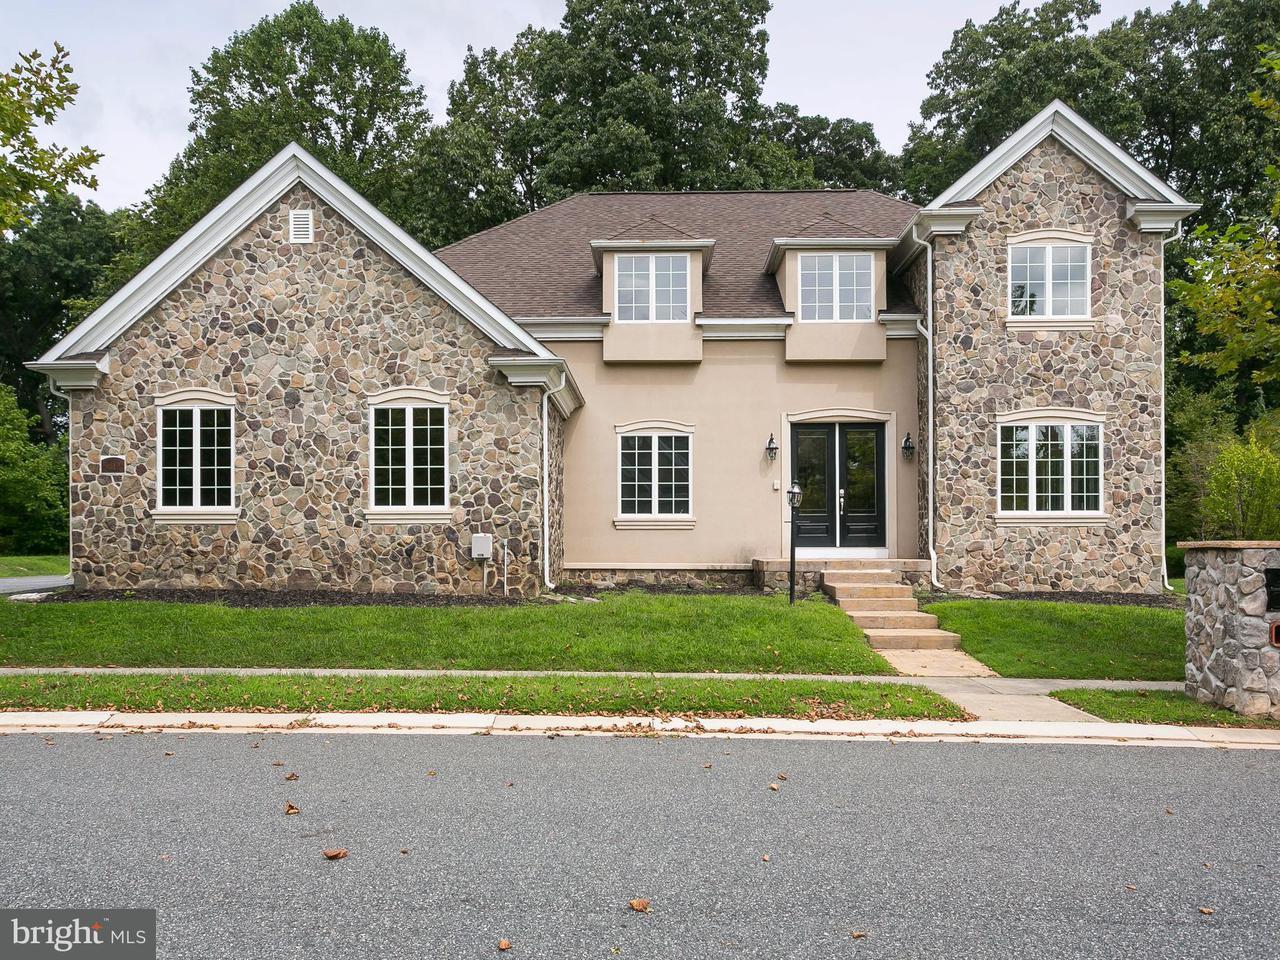 一戸建て のために 売買 アット 9812 ANVIL Court 9812 ANVIL Court Perry Hall, メリーランド 21128 アメリカ合衆国